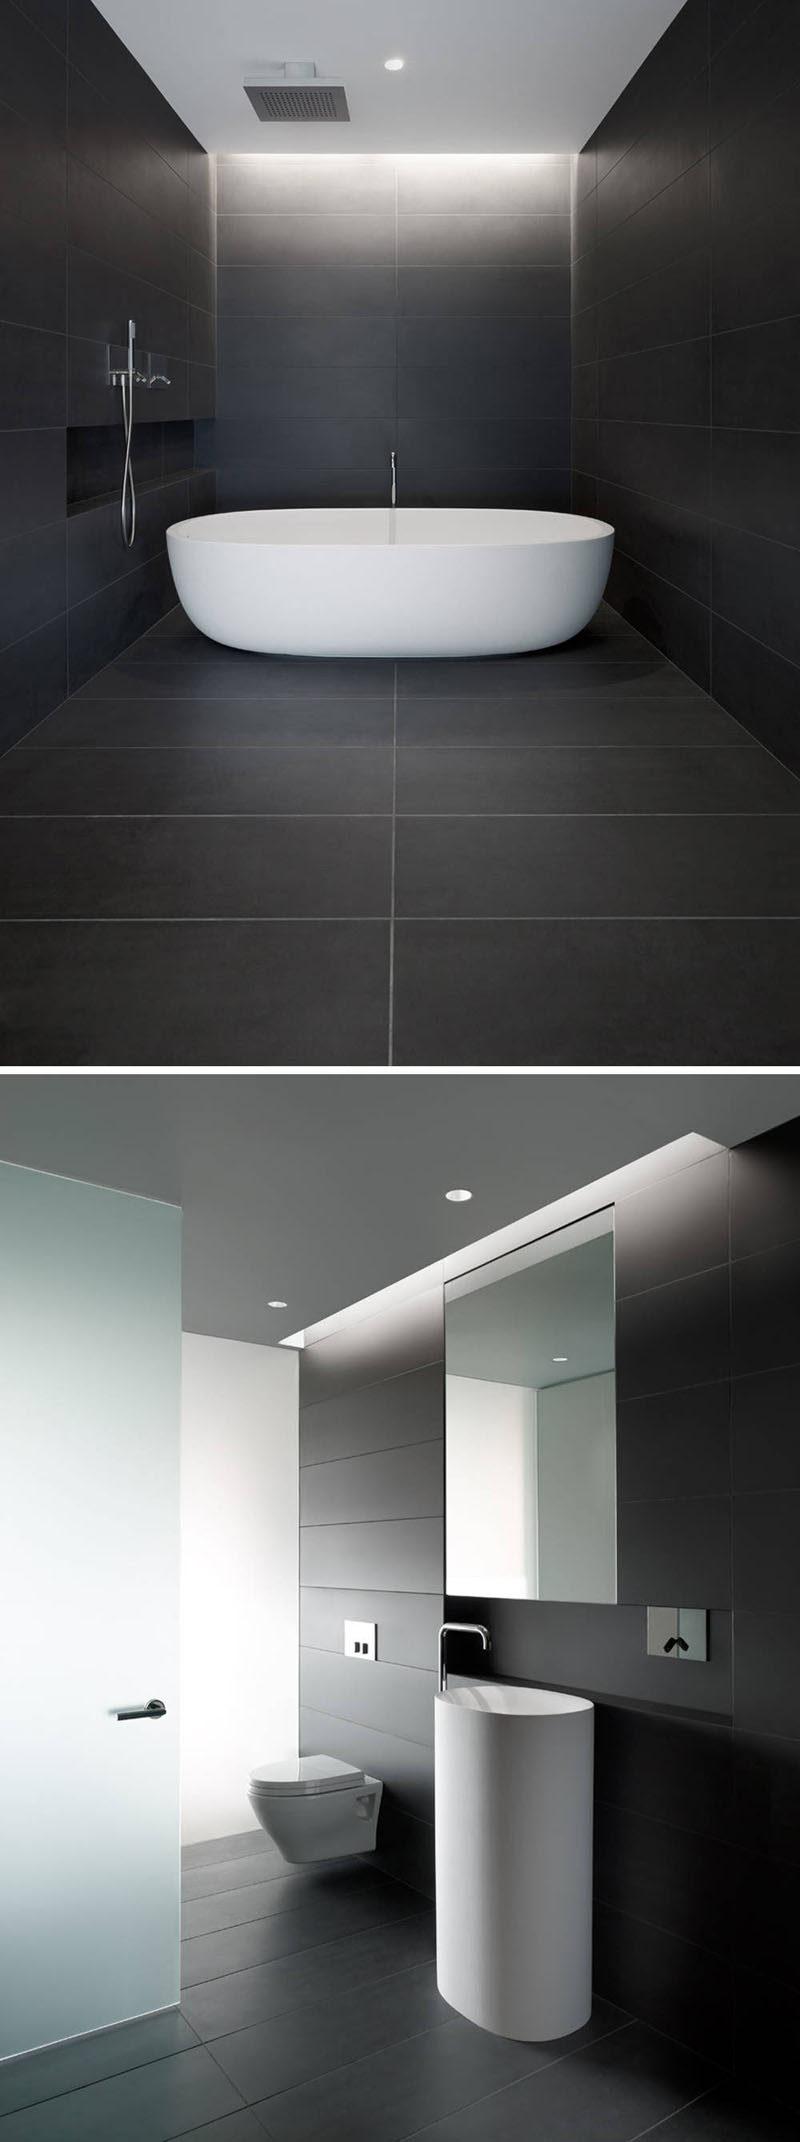 bathroom tile idea use large tiles on